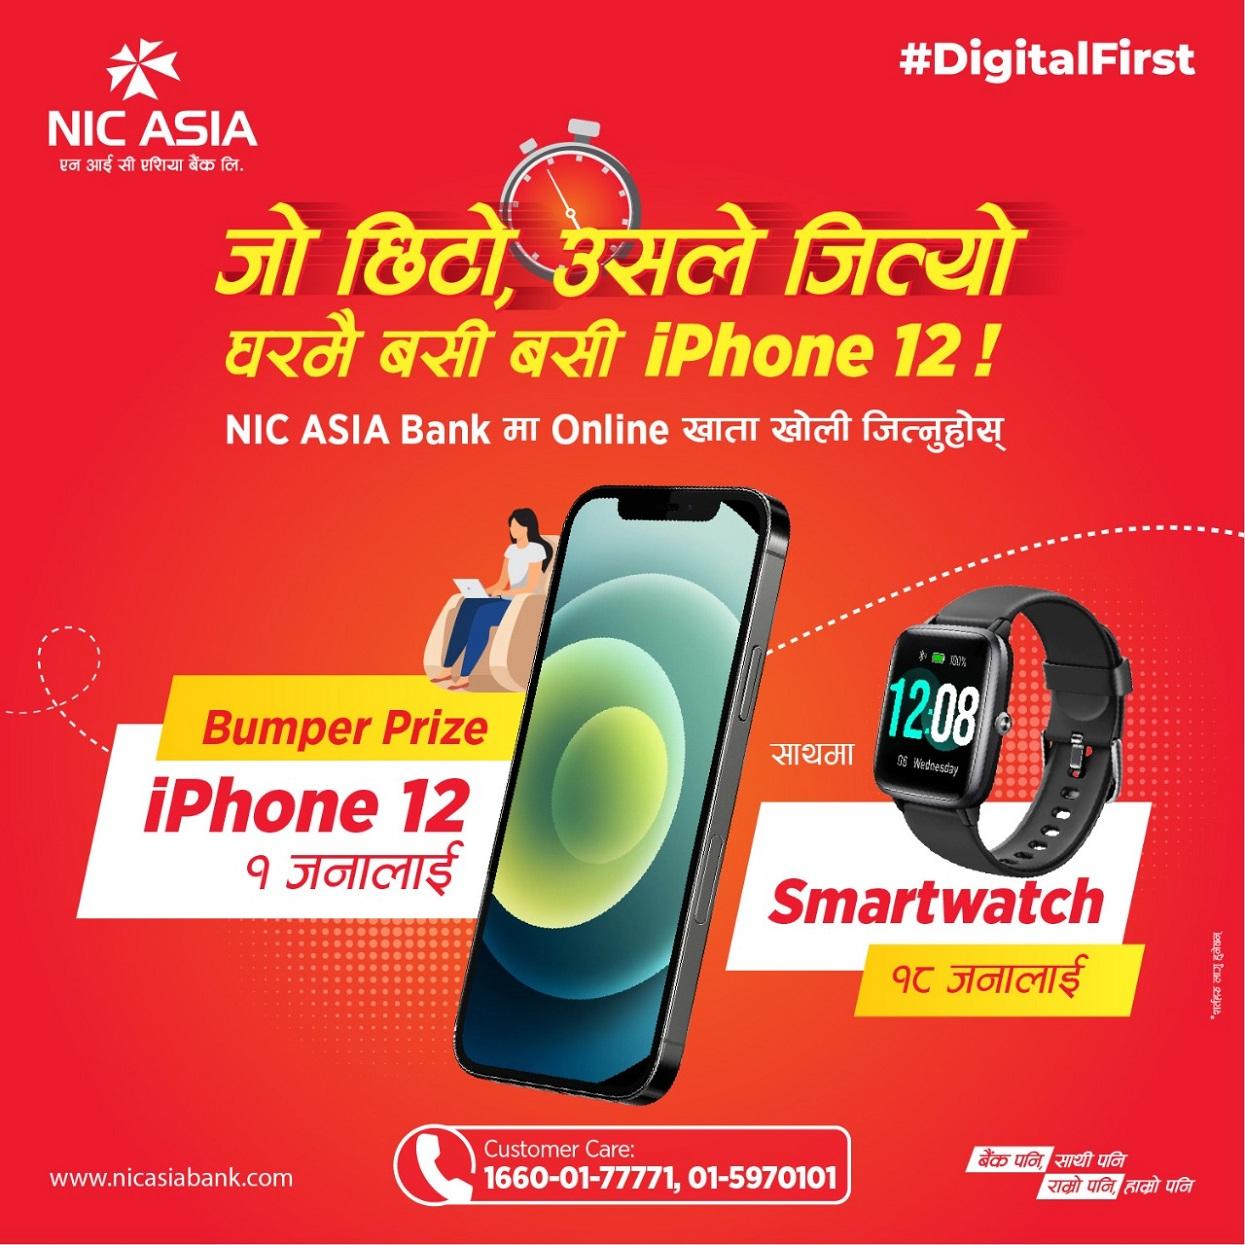 एनआईसी एसियामा सबैभन्दा छिटो अनलाइन खाता खोल्नेलाई आइफोन र स्मार्टवाच